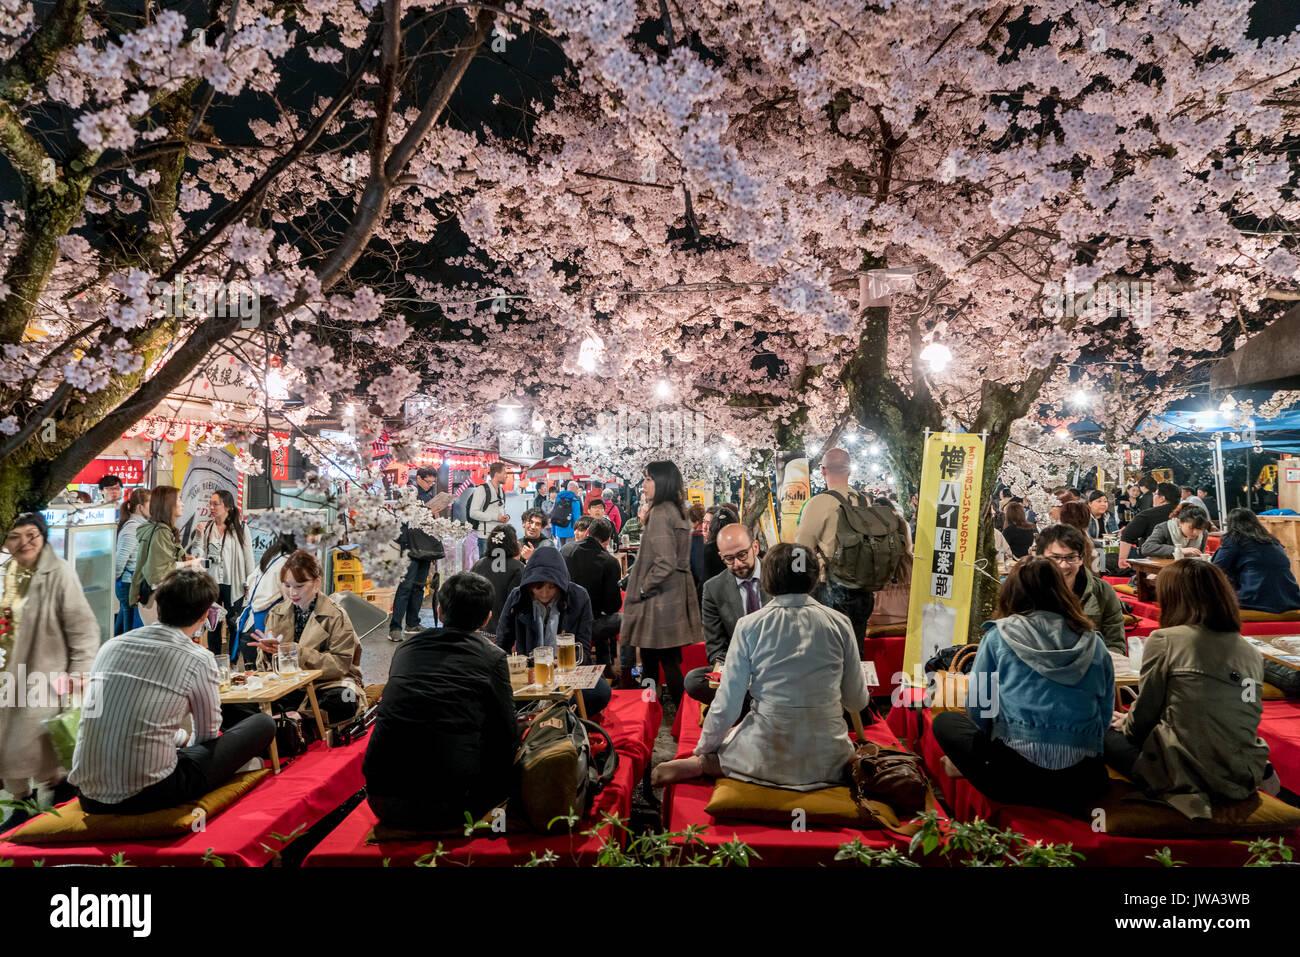 KYOTO, JAPAN - 7. April 2017: Japan Massen genießen die Kirsche Frühlingsblüten in Kyoto durch Teilhabe an saisonalen Nacht Hanami Festivals im Maruyama-Park Stockbild